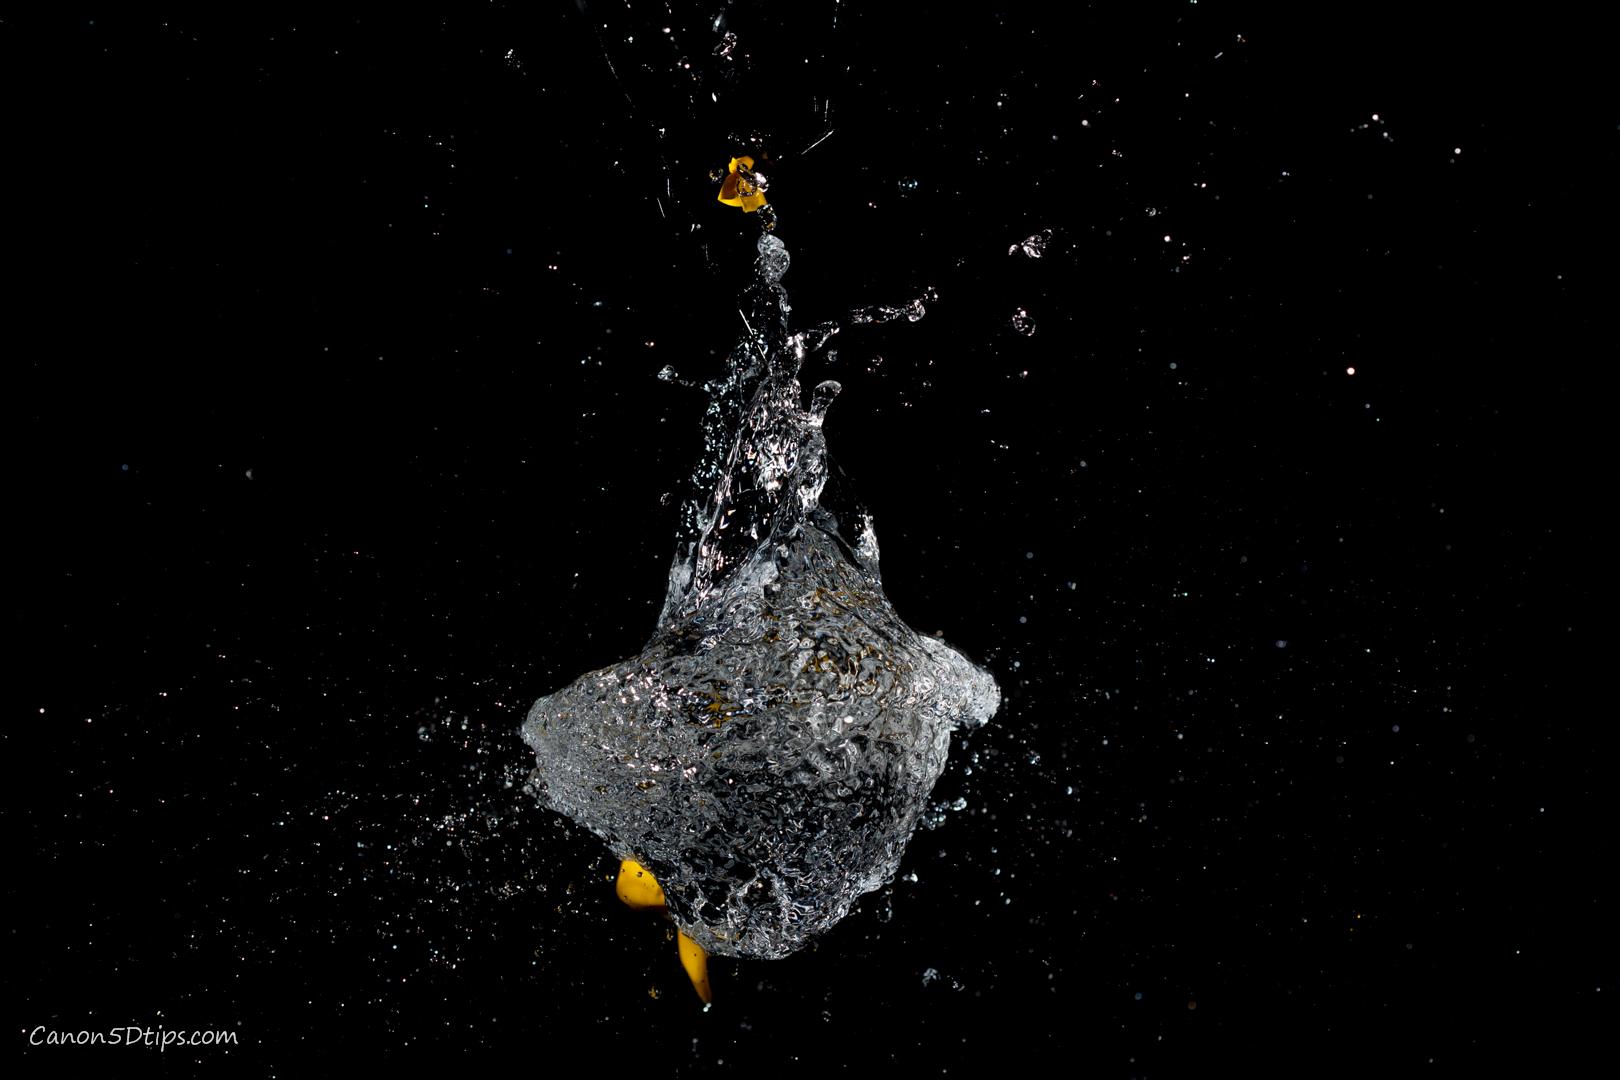 Water Ballon - Bang Mode